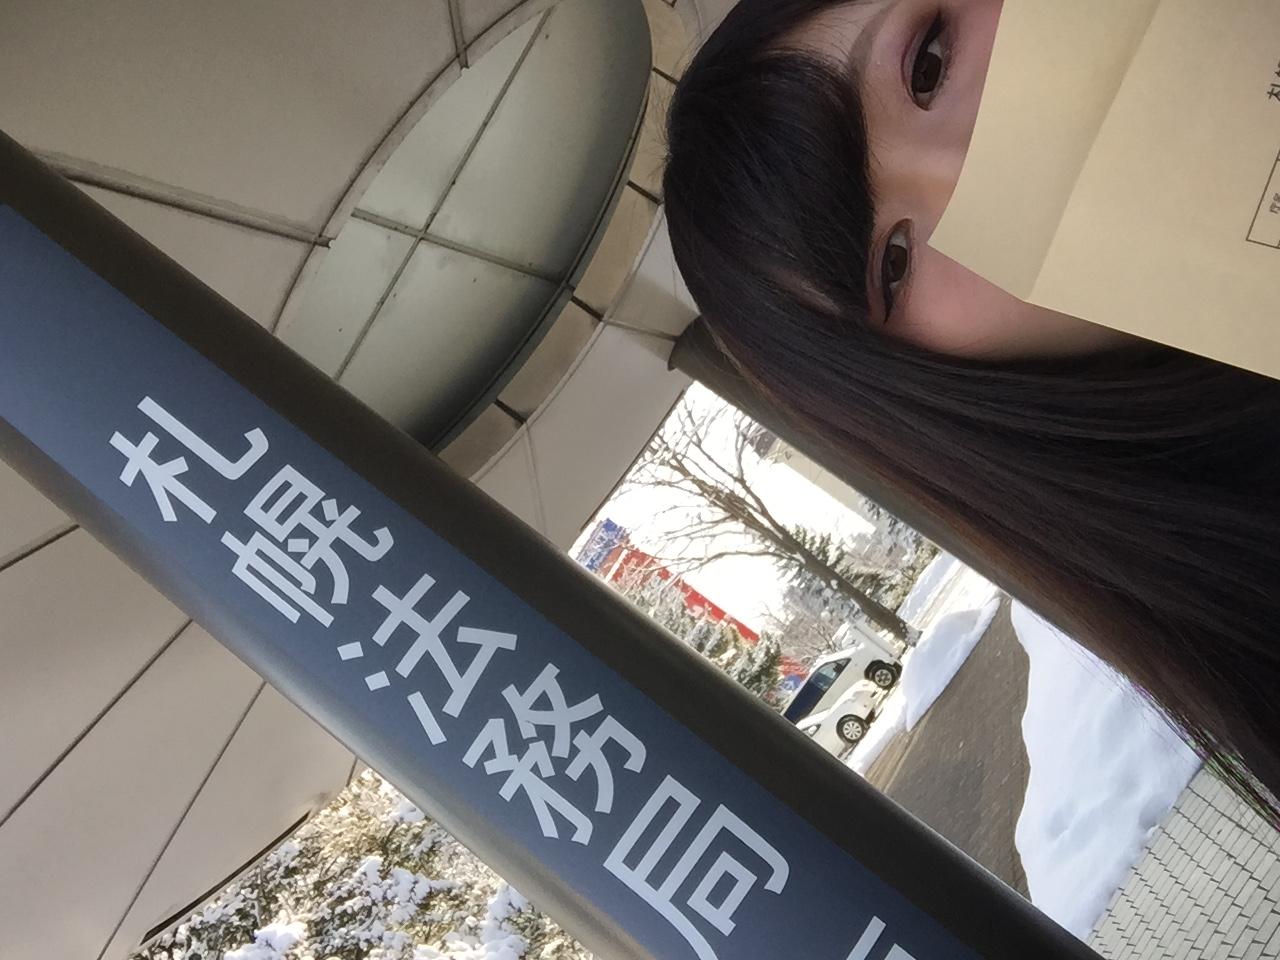 2月23日 金曜日の本店ブログ(´▽`) 本日Fさまミラ納車★ありがとうございます!トミーレンタカー・ランクル、アルファード、ハイエース_b0127002_1641527.jpg